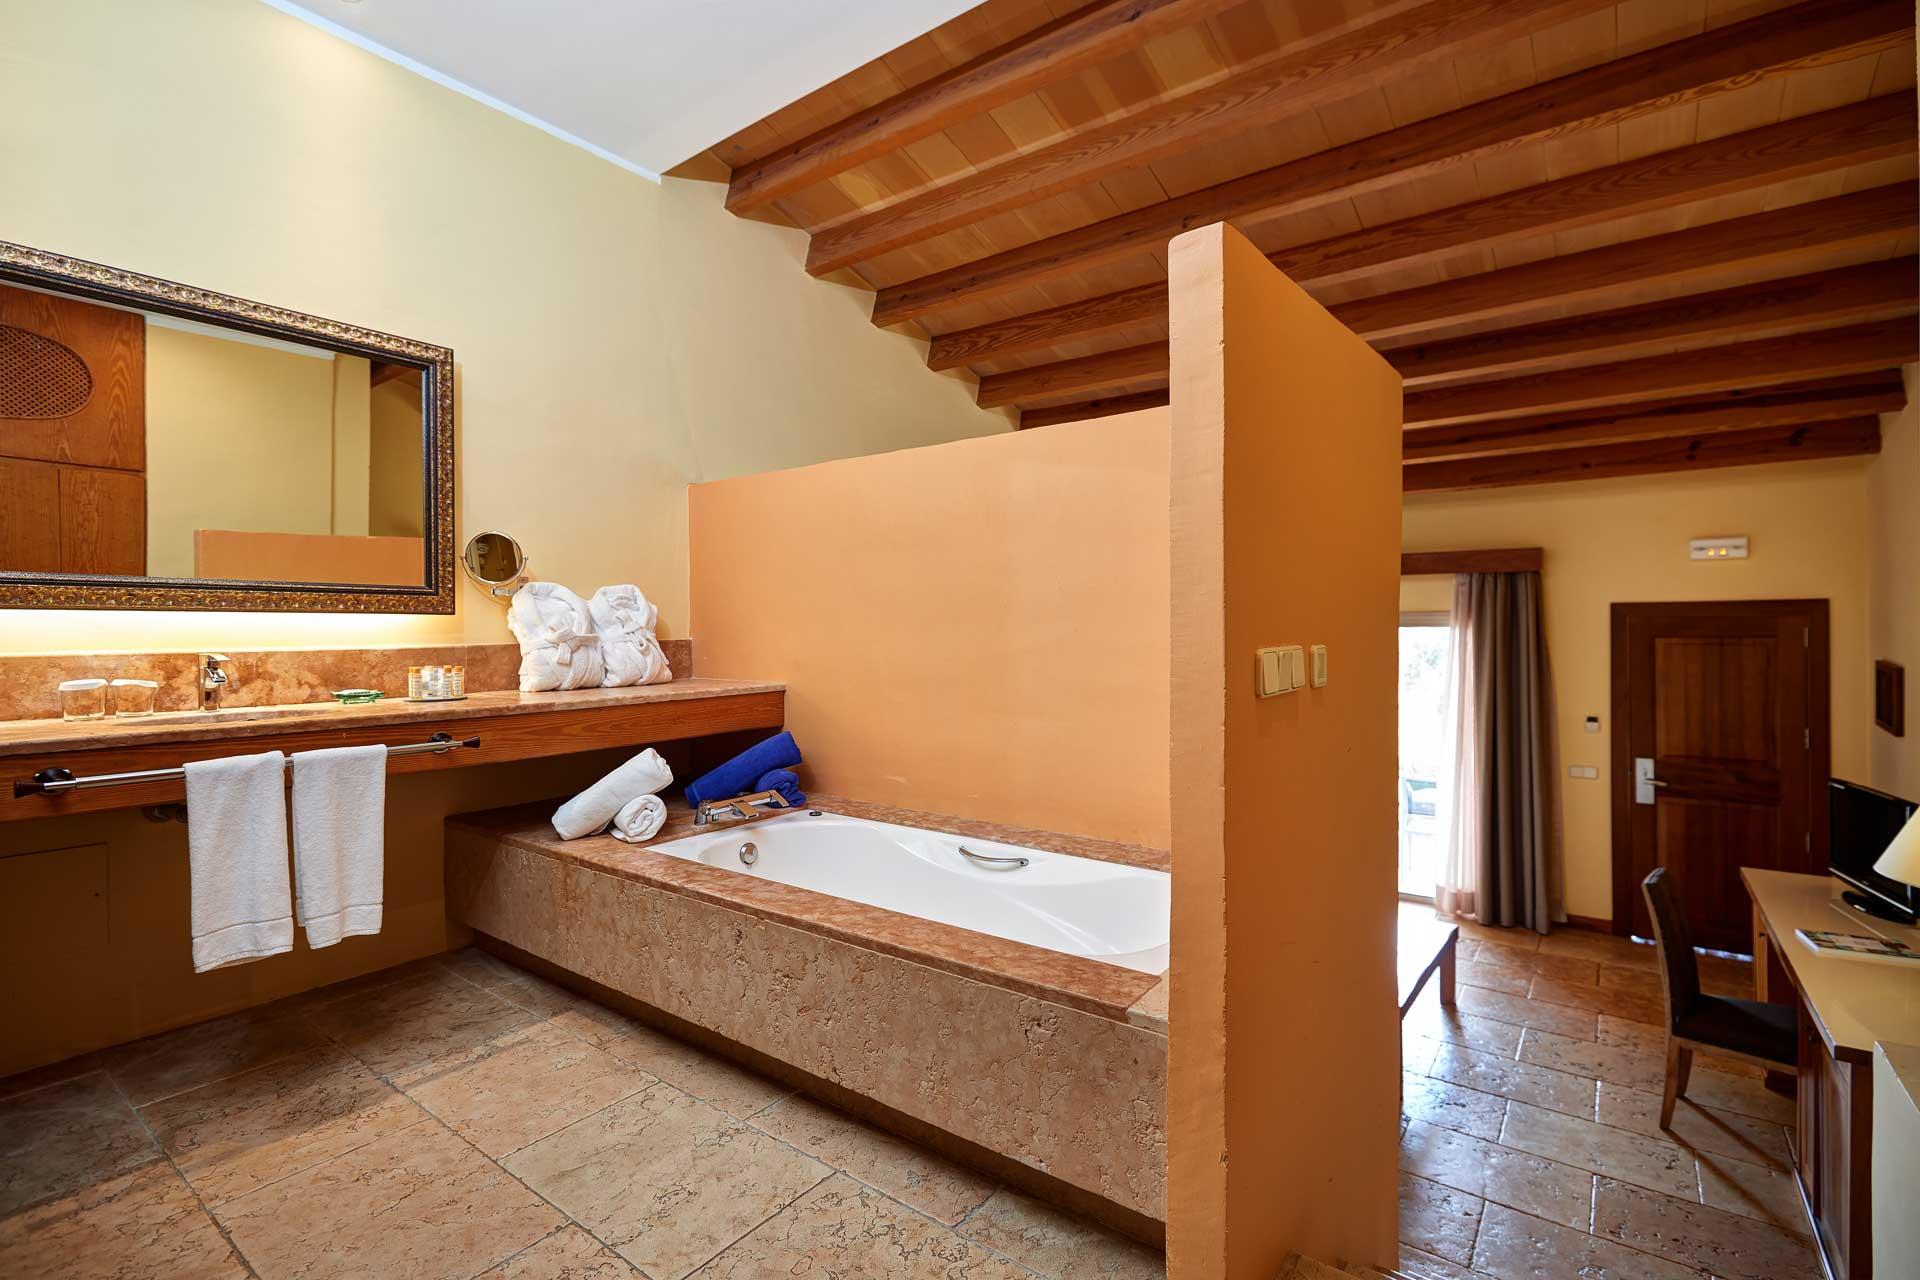 Finca-Hotel Sentido Pula Suites - Standard Suite with en suite bathroom